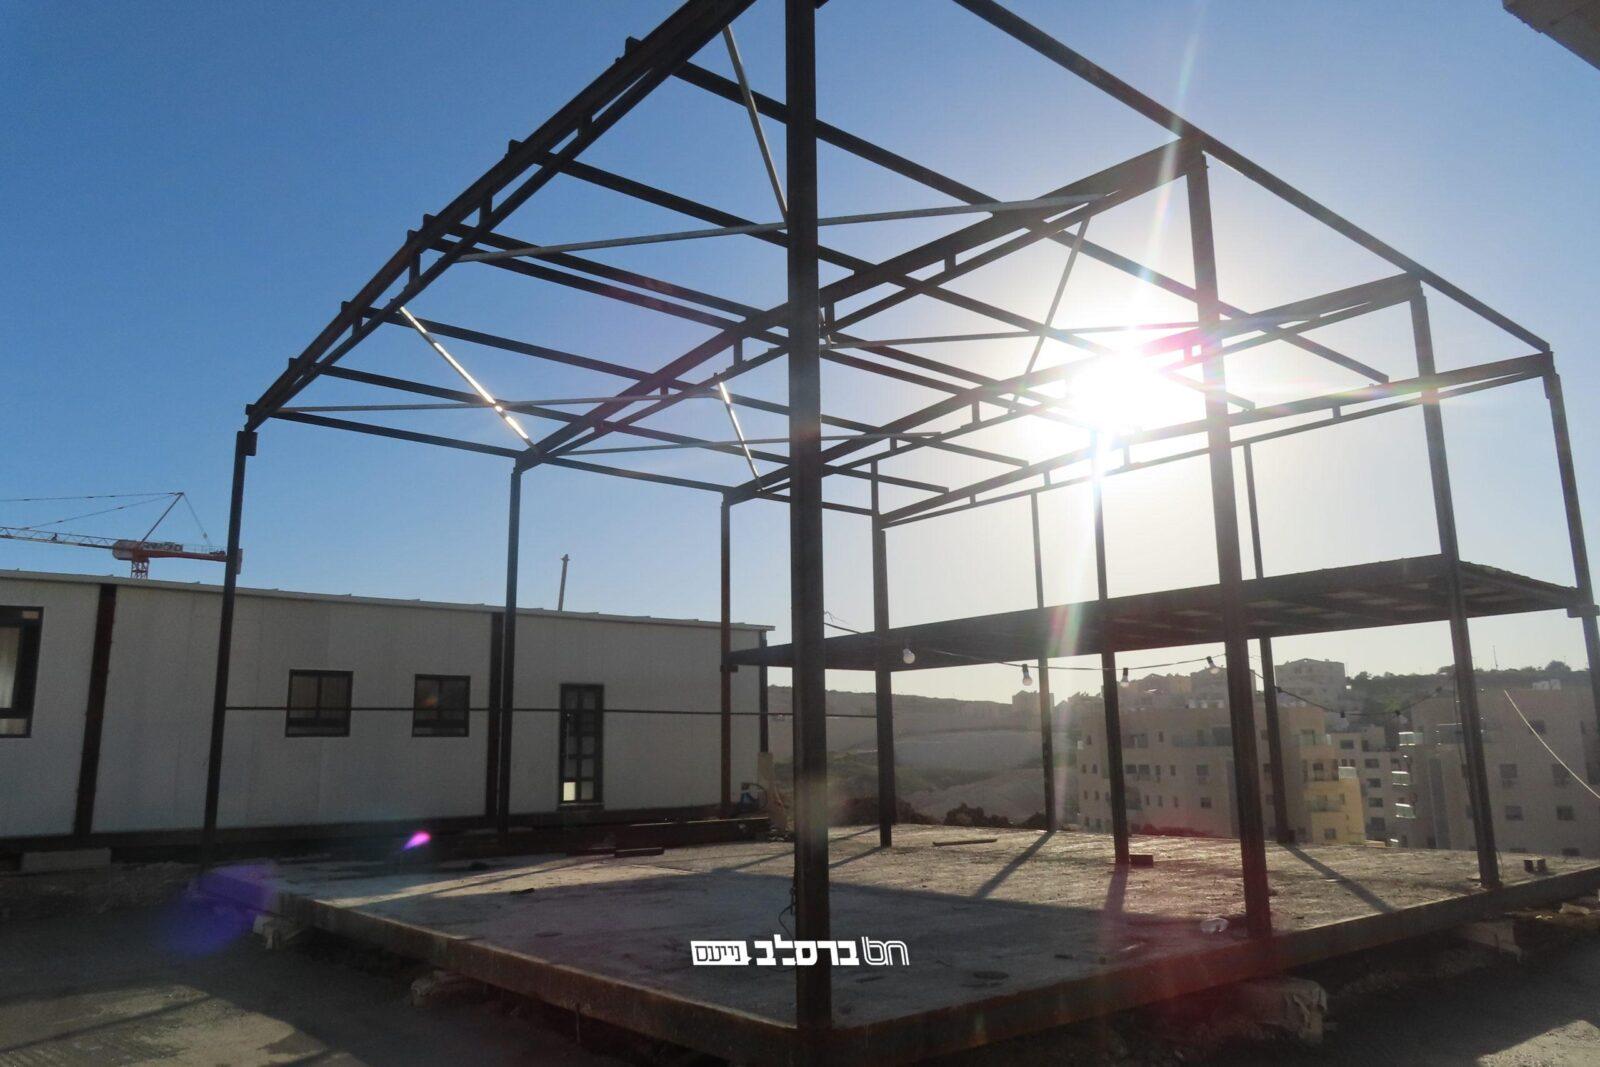 """בית שמש: החלה בניית ביה""""כ דחסידי ברסלב ברמת בית שמש ג' 2 שבראשות הגאון ר""""צ ליברמנש"""